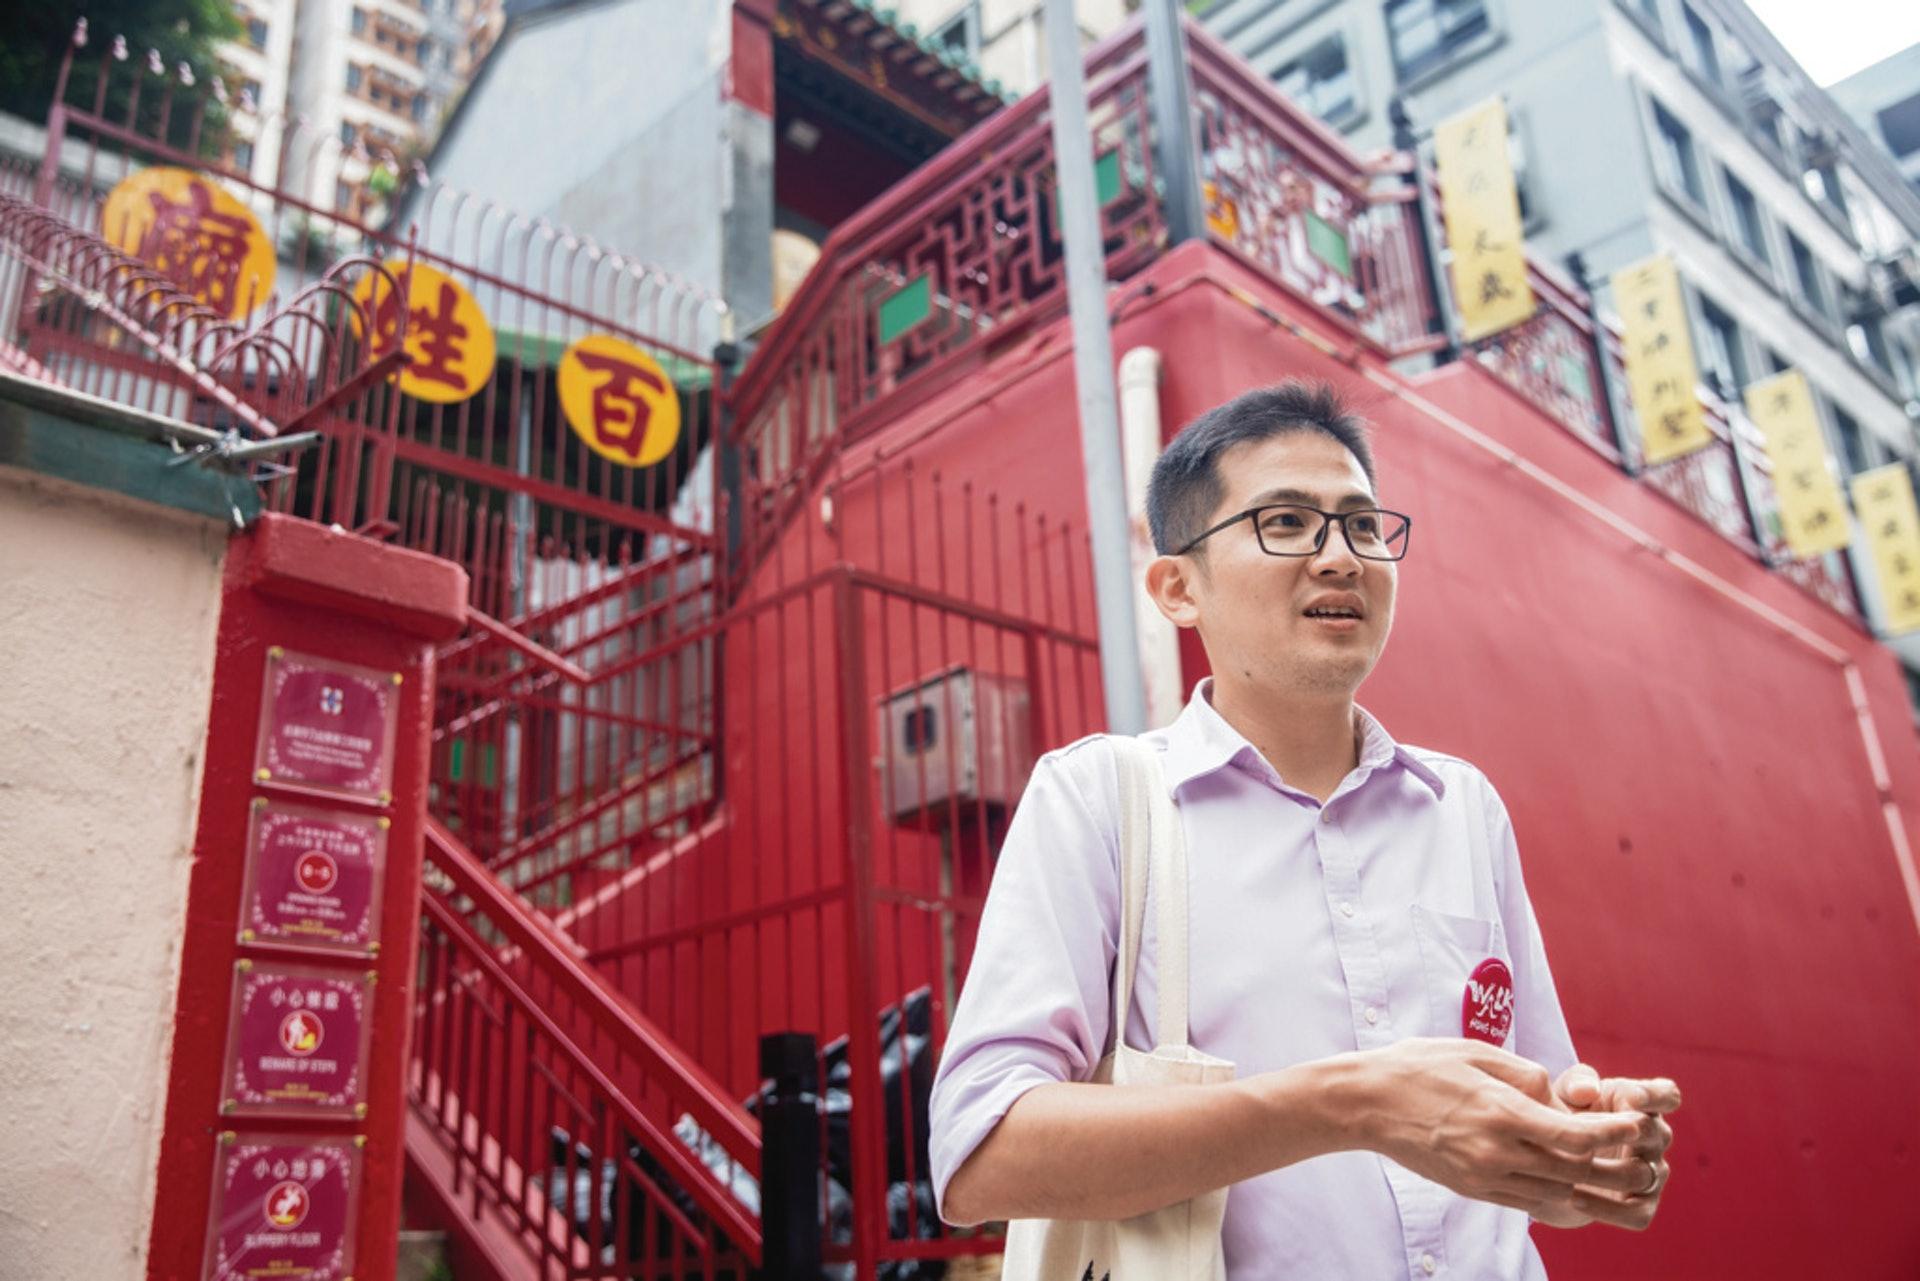 陳智遠認為,政府及旅遊業界可趁現時的情況作轉型,開拓多元化市場。(資料圖片 / 鄧倩螢攝)